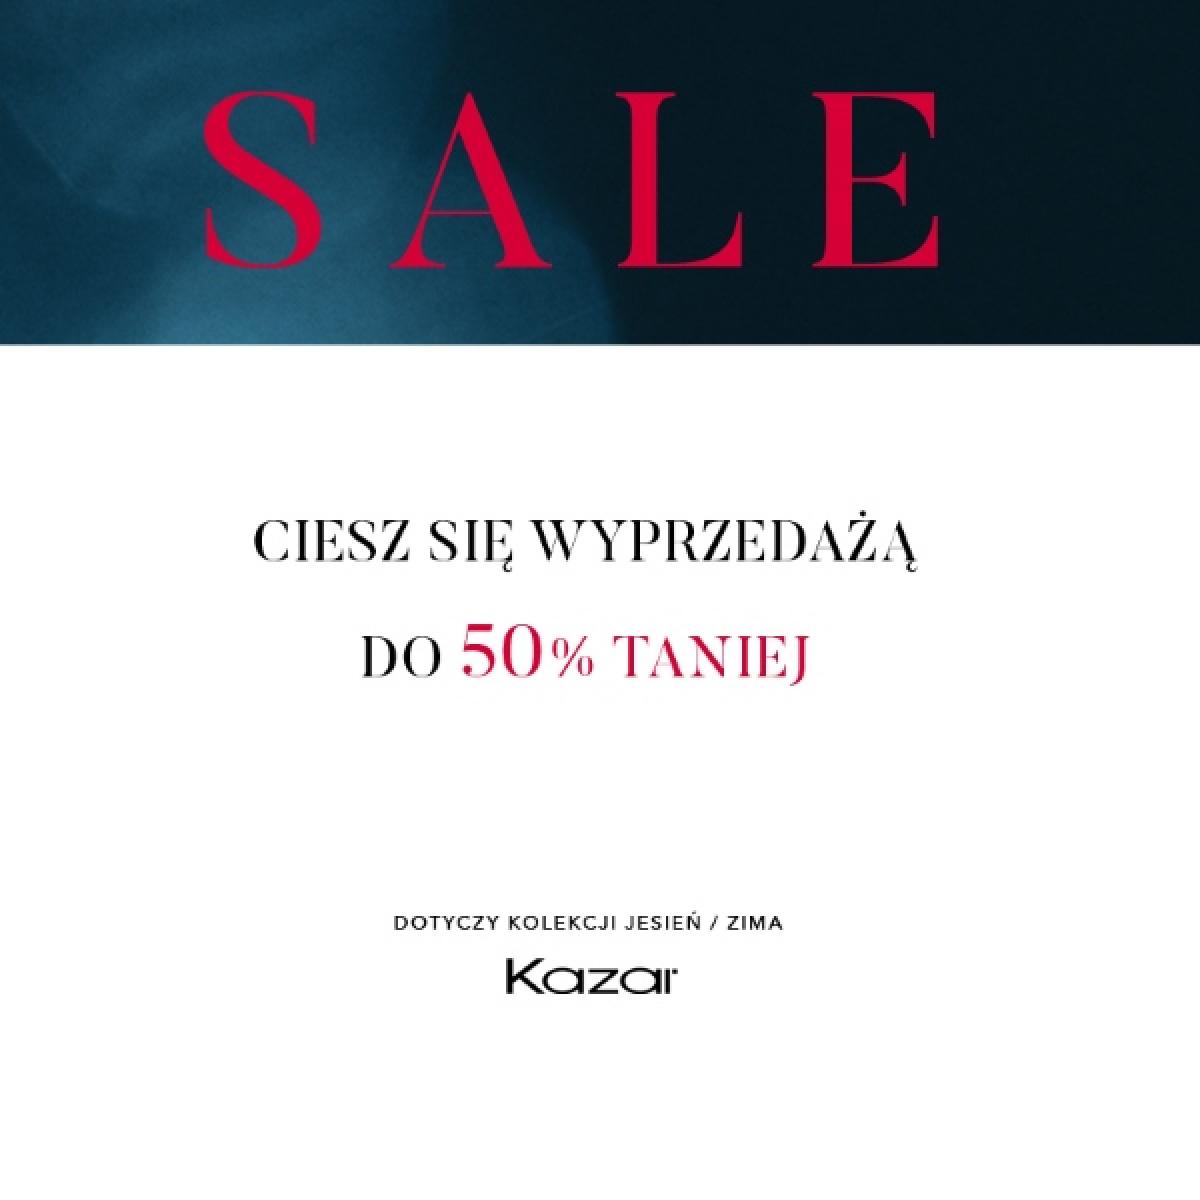 f2027b70 Odwiedź salon Kazar i przy zakupie dwóch produktów z kategorii promocyjnych,  skorzystaj z rabatu 50% na drugi produkt.